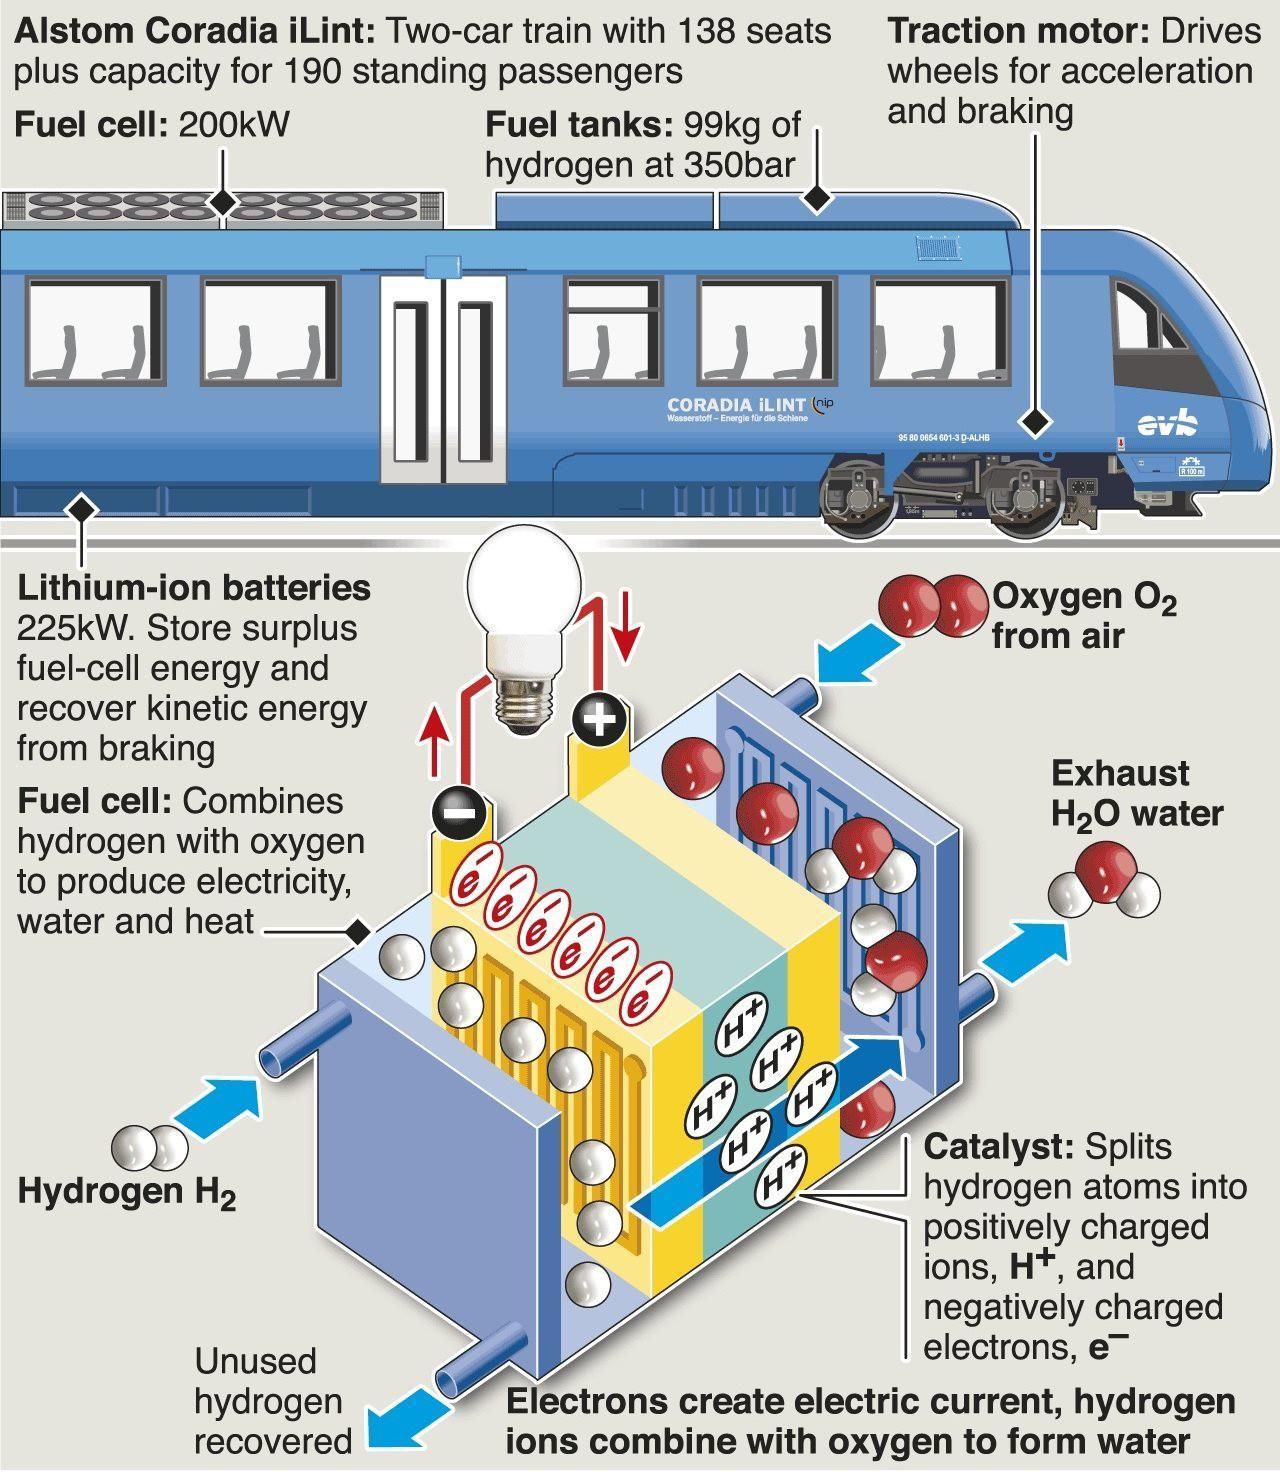 Cận cảnh tàu hỏa chạy bằng không khí đầu tiên trên thế giới Ảnh 7